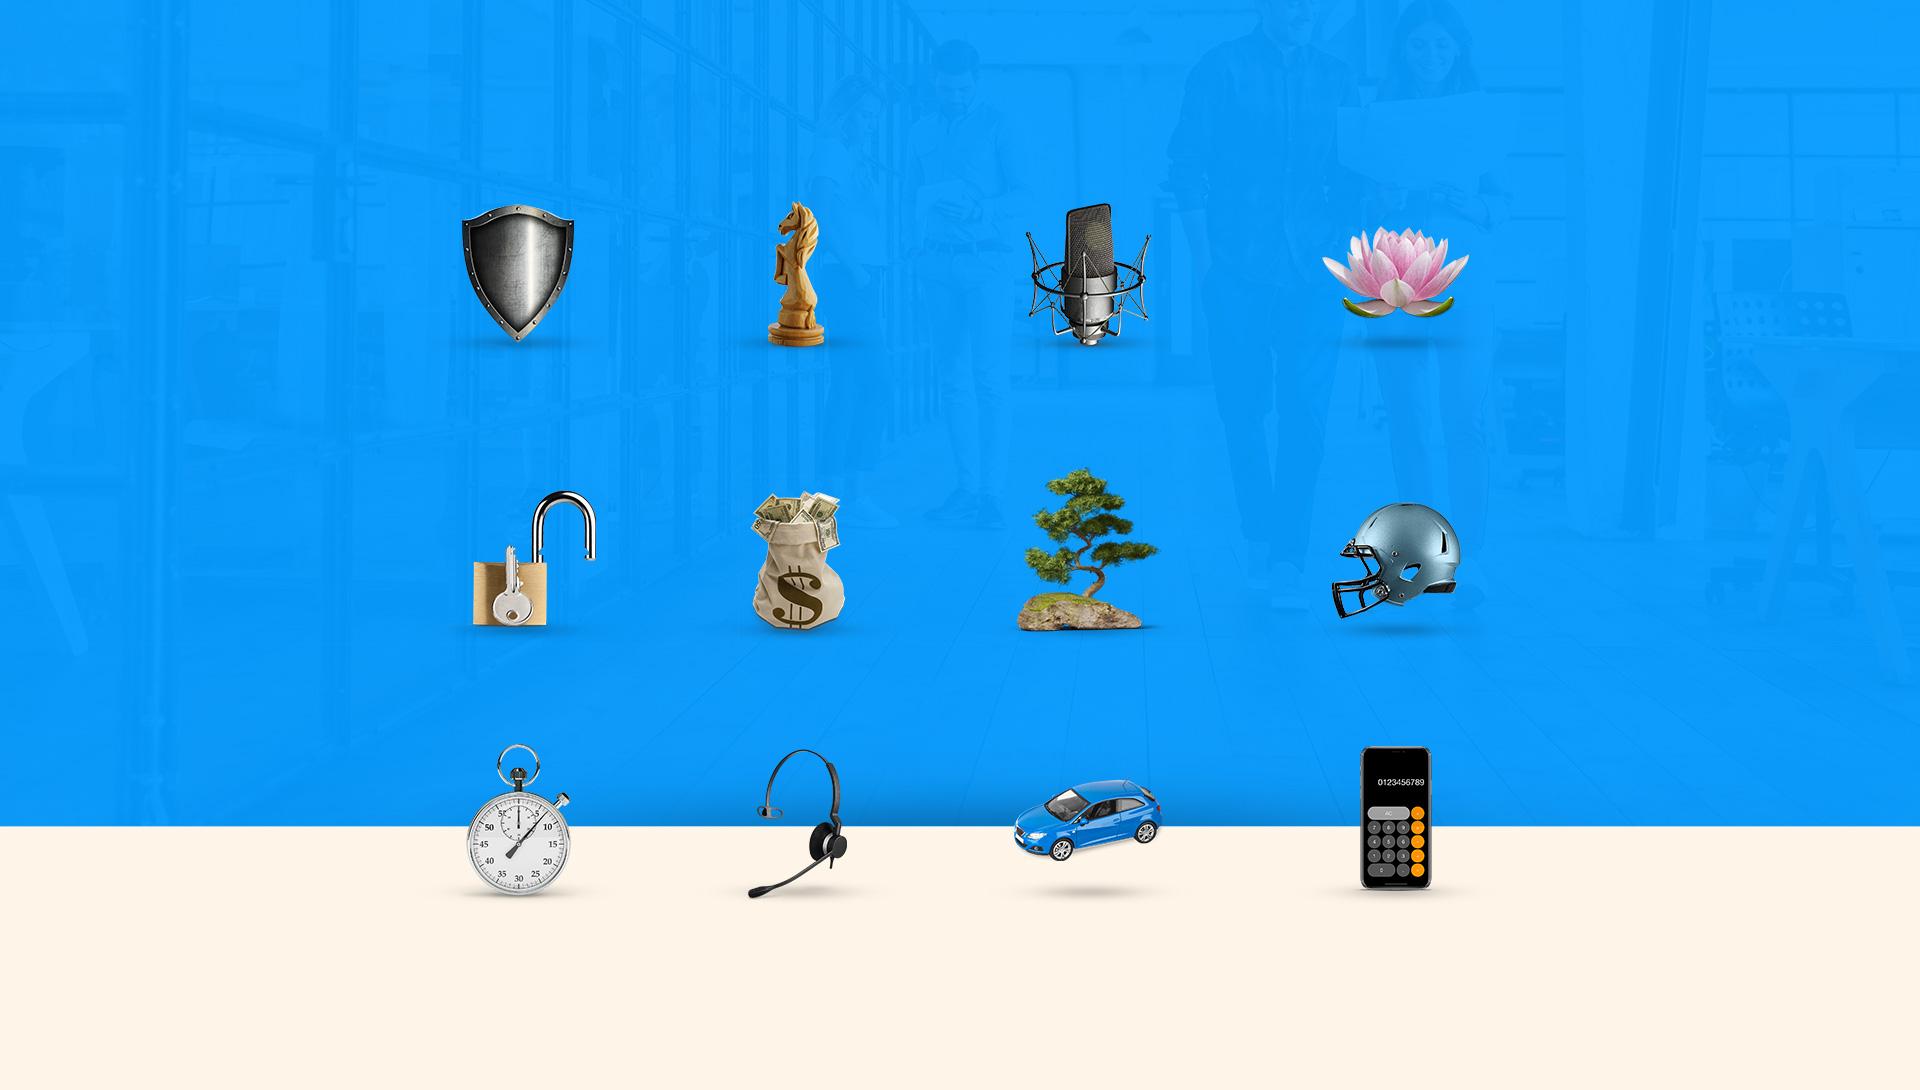 ikonki na stronie GEKKO